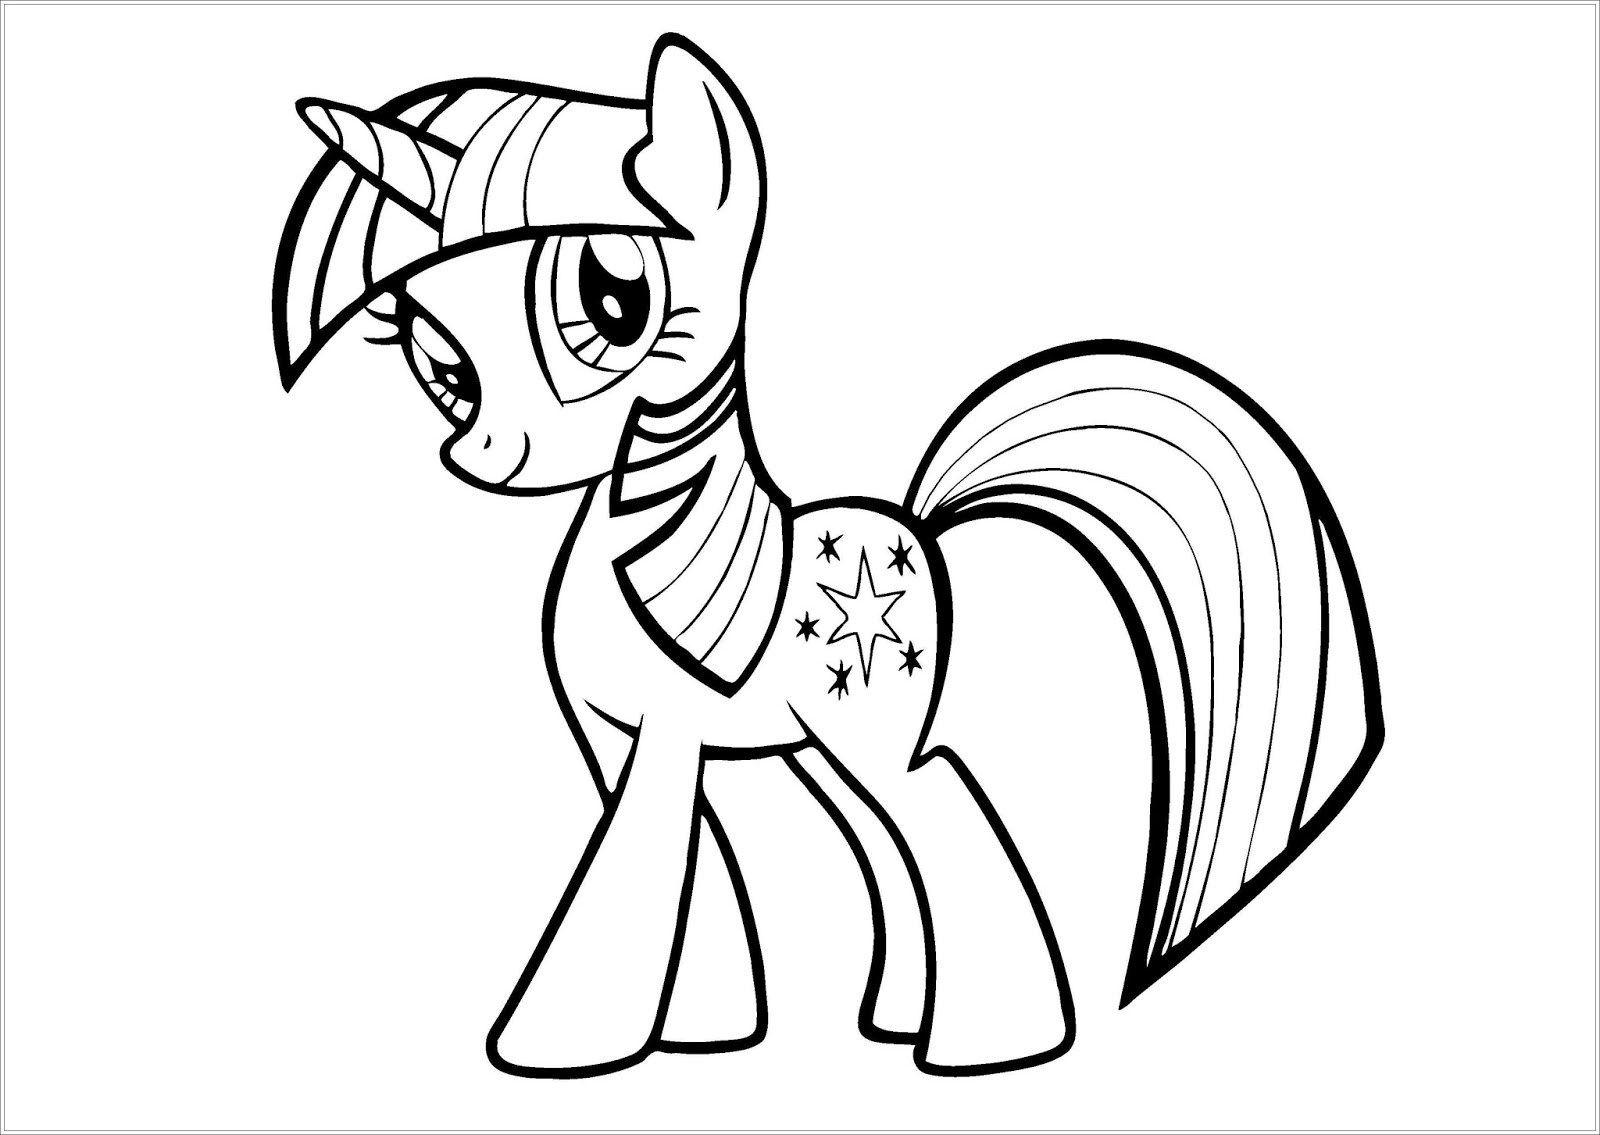 Mein Kleines Pony Malvorlagen  My little pony einhorn, My little